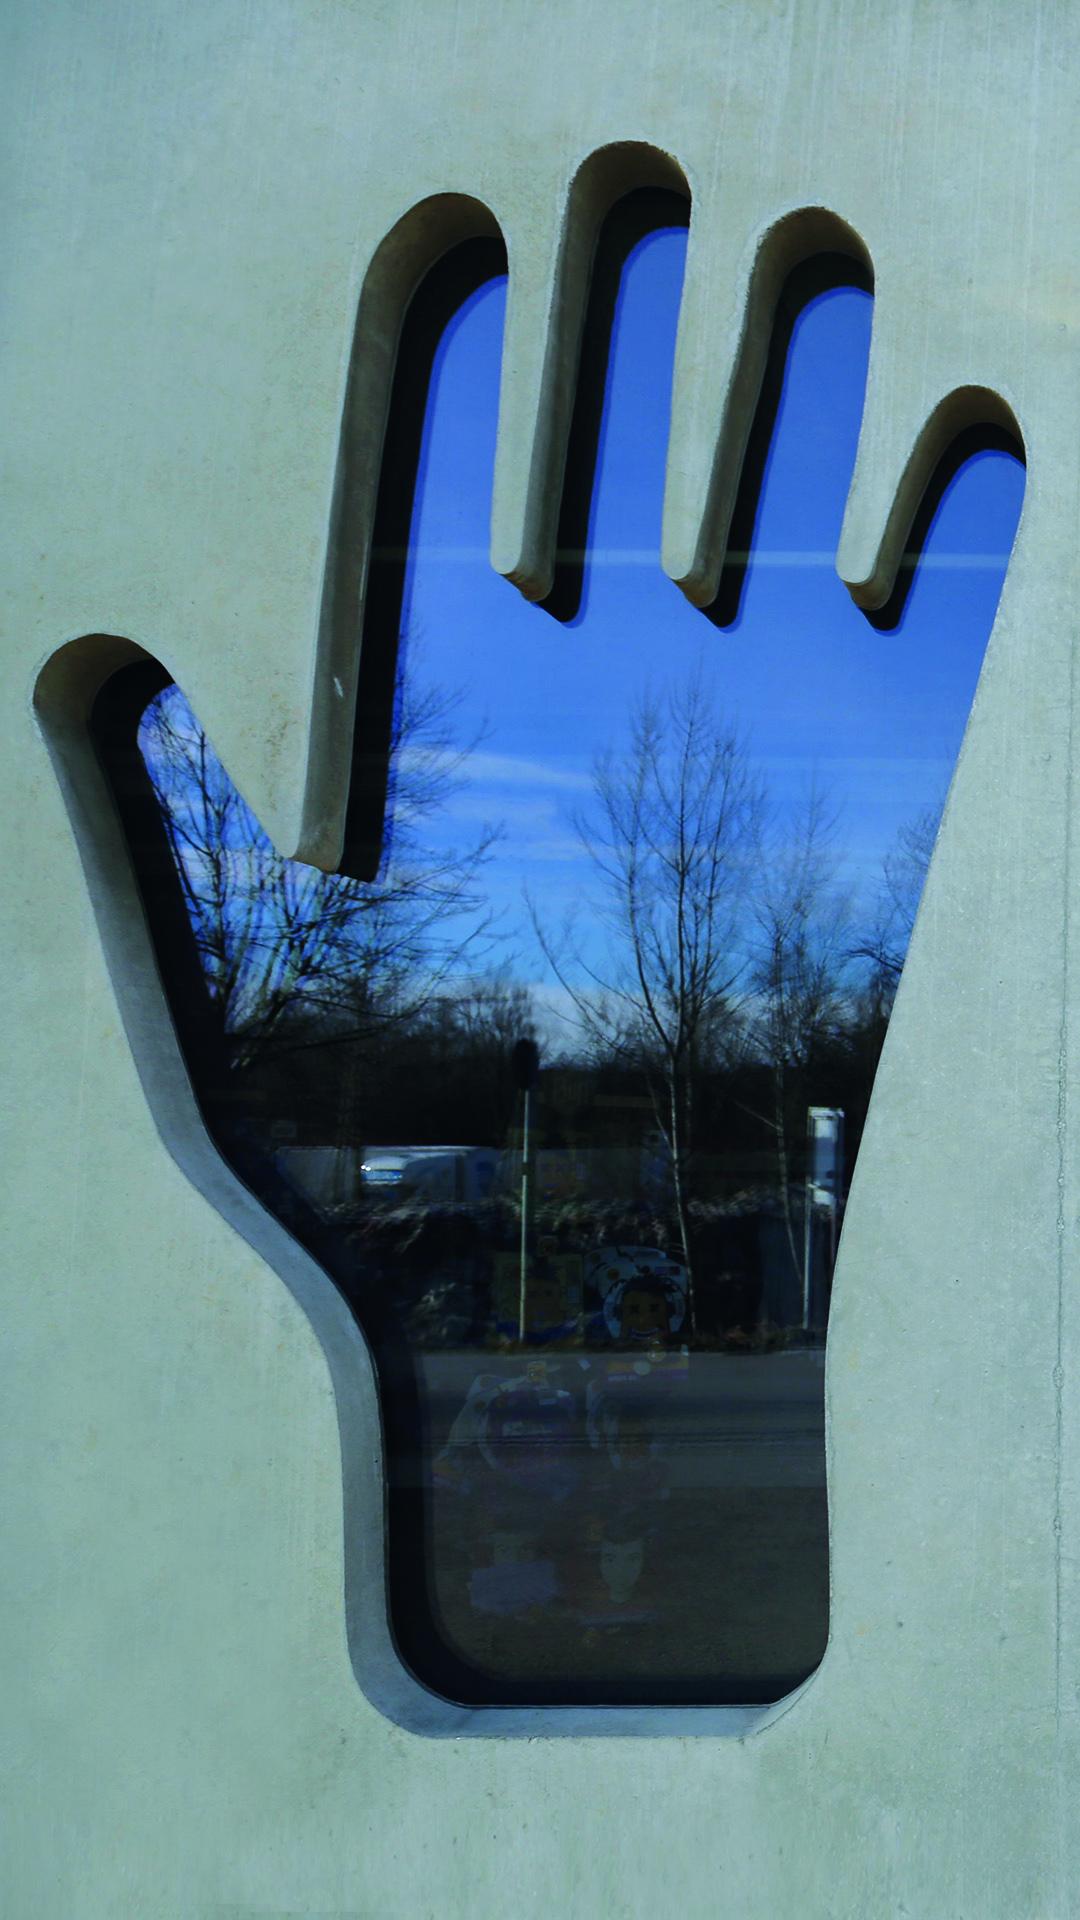 Chiba Hand